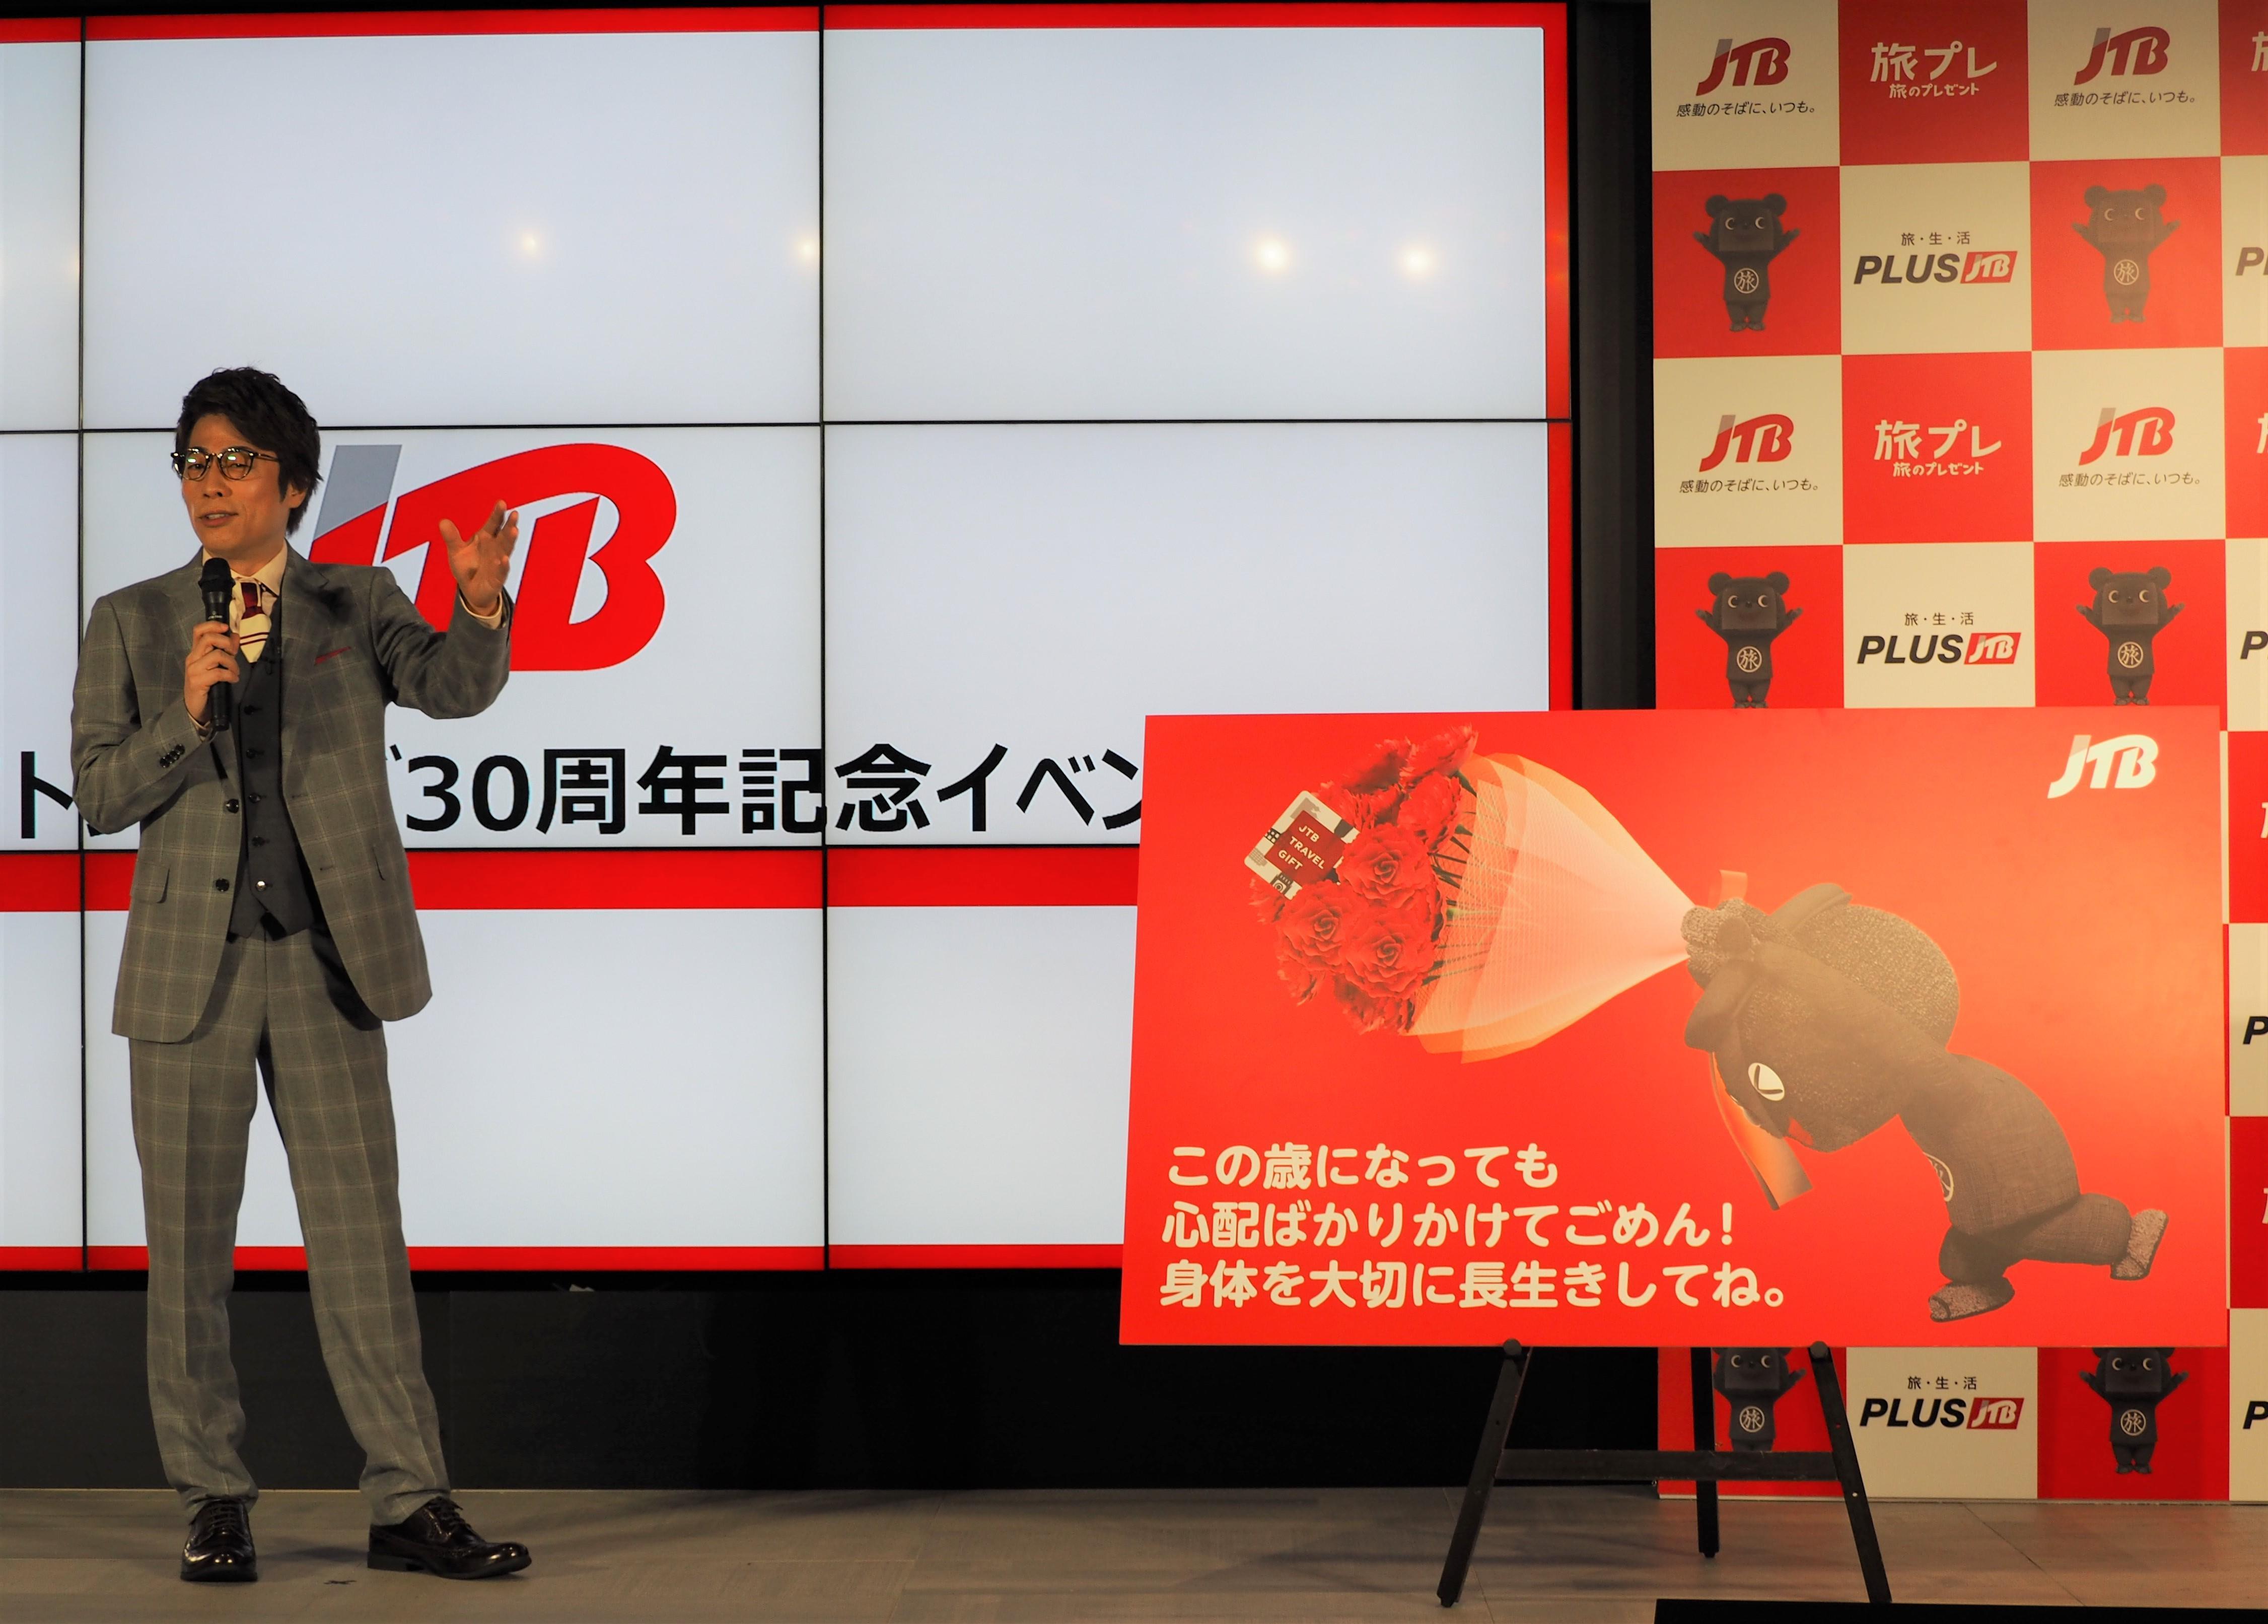 http://news.yoshimoto.co.jp/20180330121502-3e606456fe43a37c66ecb9e1a361094a40ed0565.jpg